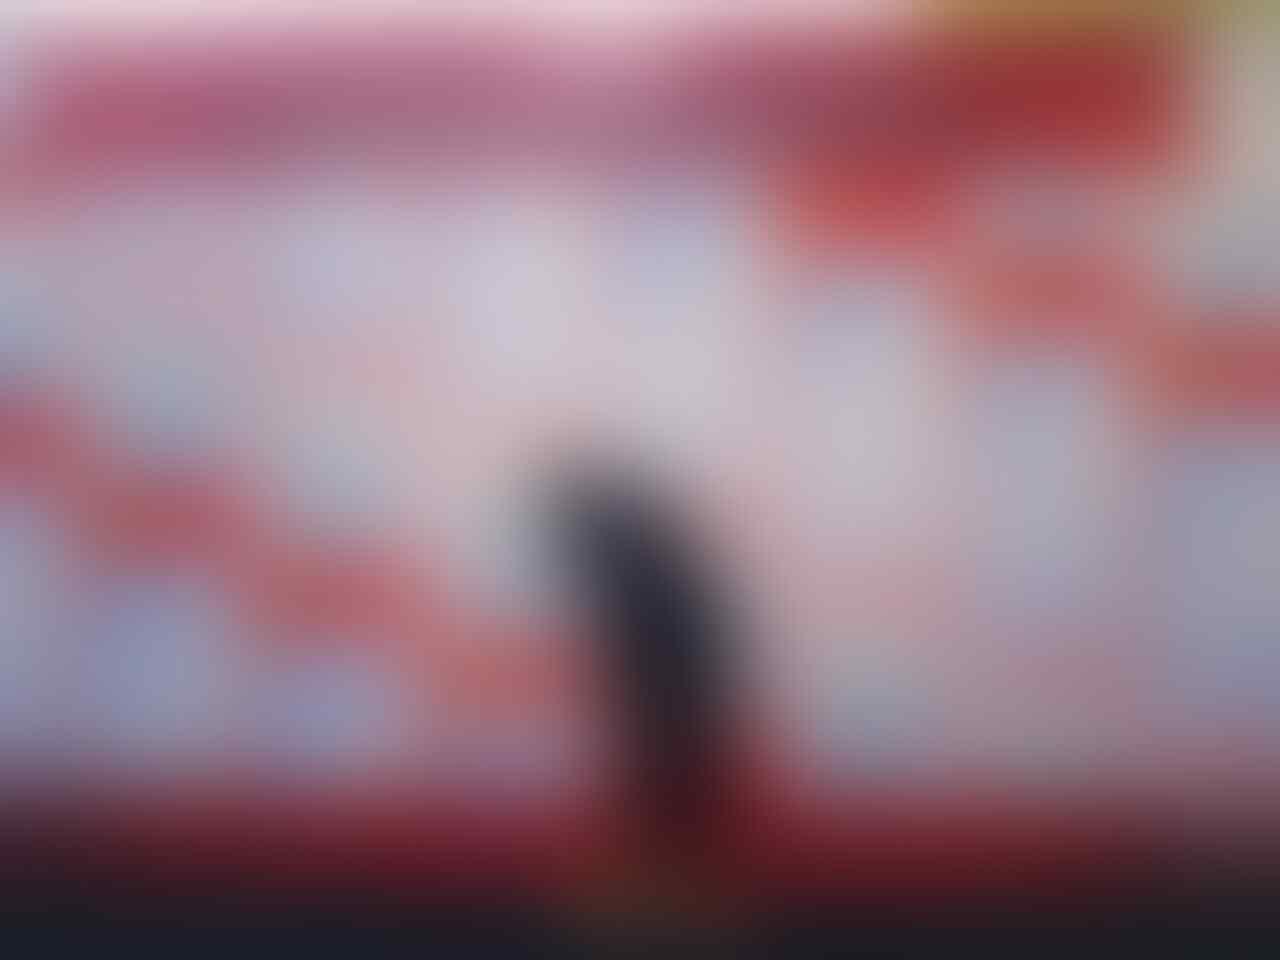 2018_LIMANAS_BASKET_SEKAR SASIKIRANA WIBAWA_HARI KE 2